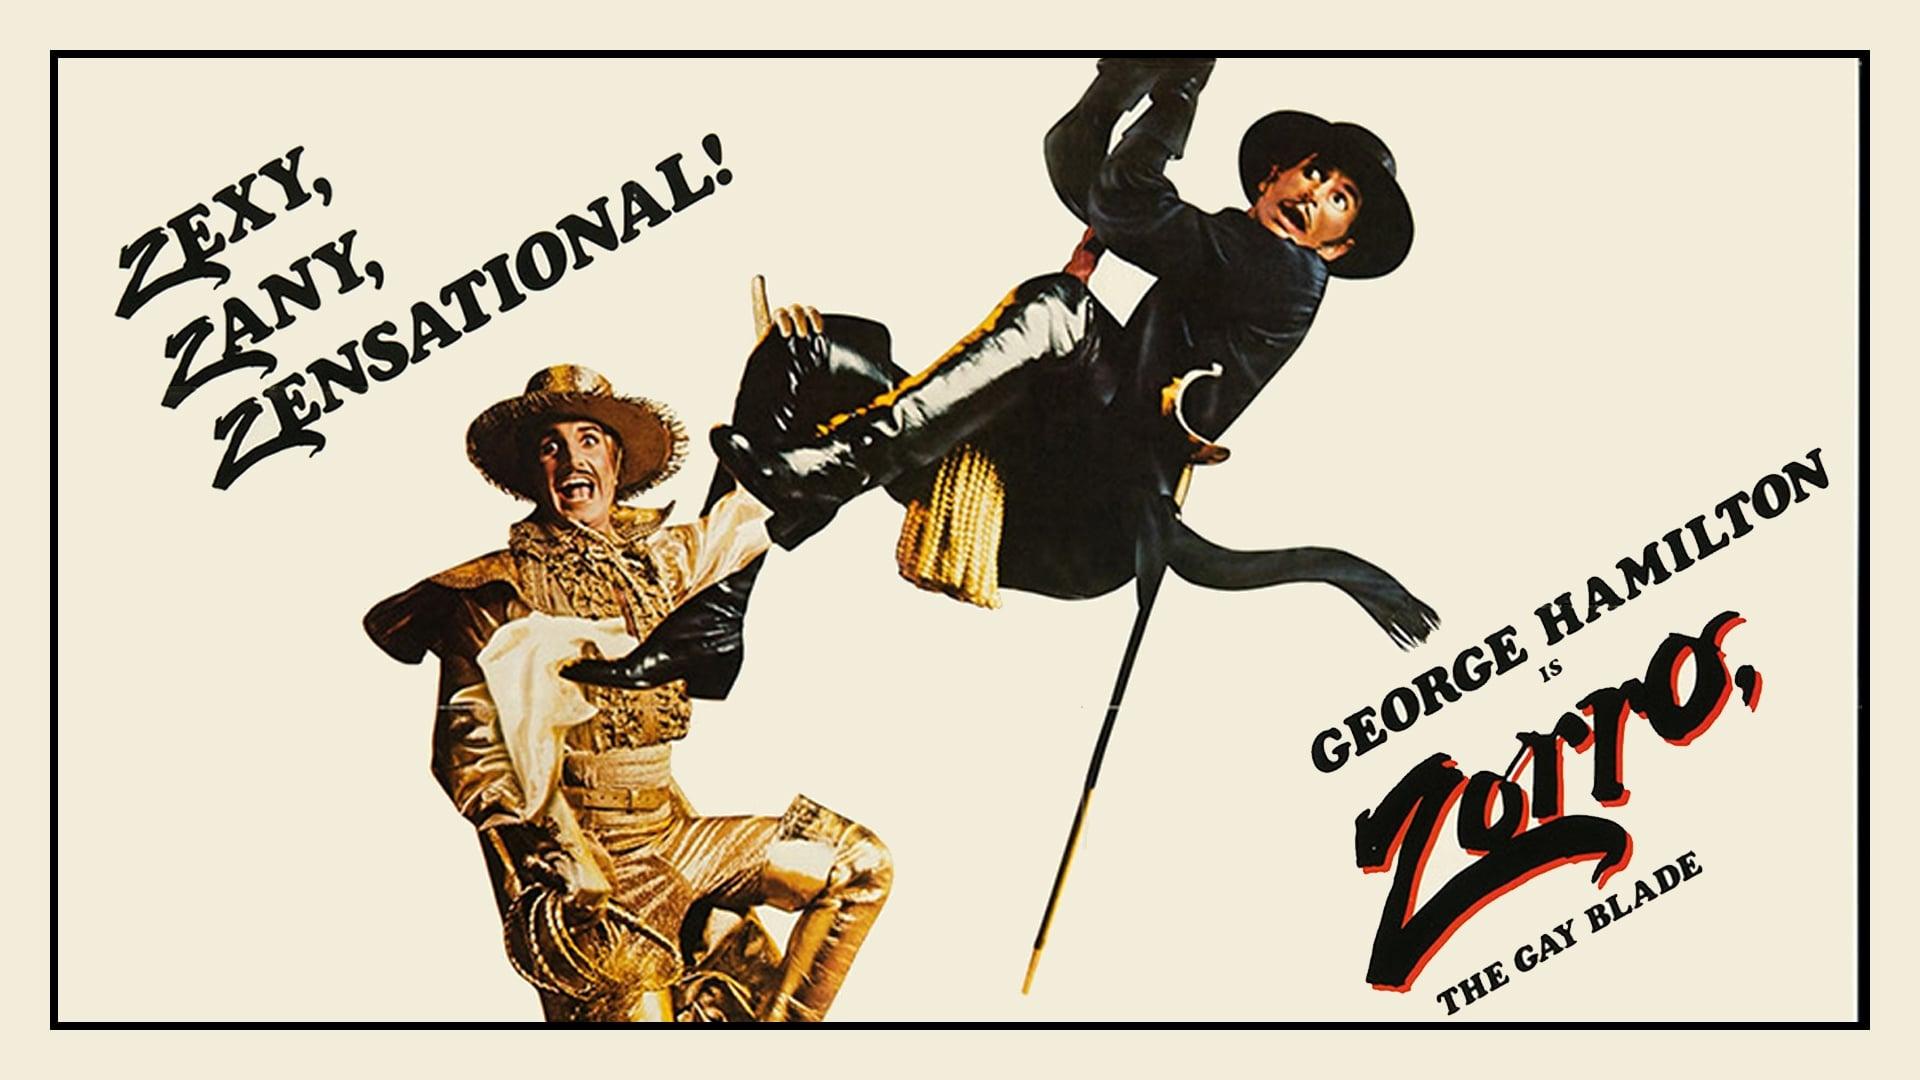 La grande Zorro (1981)